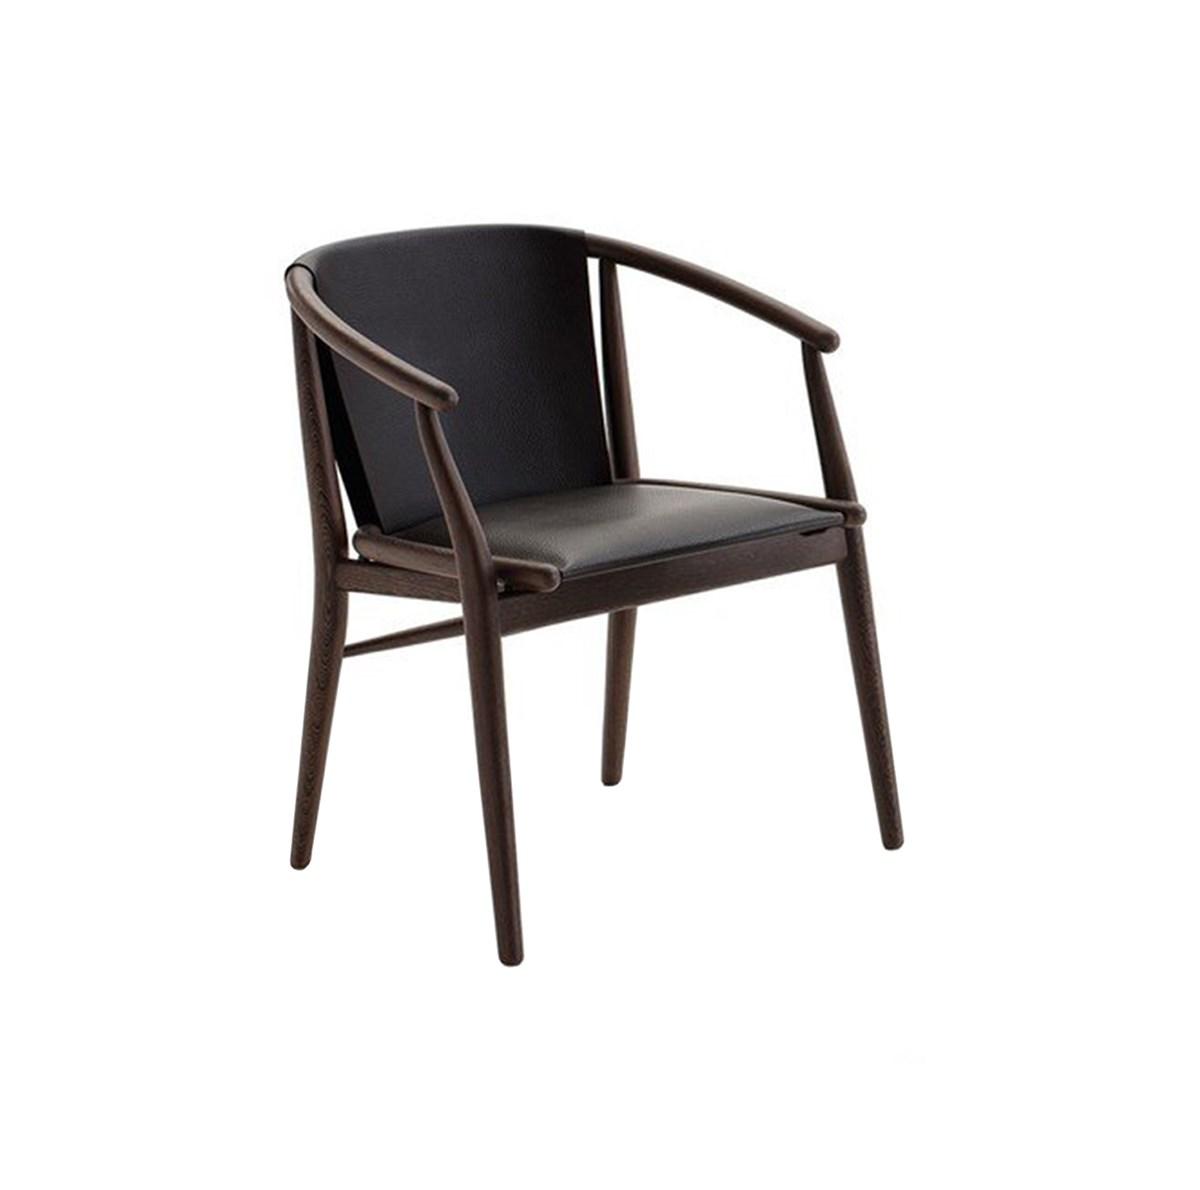 B&B-Italia-Antonio-Citterio-Jens-Chairs-Matisse-1